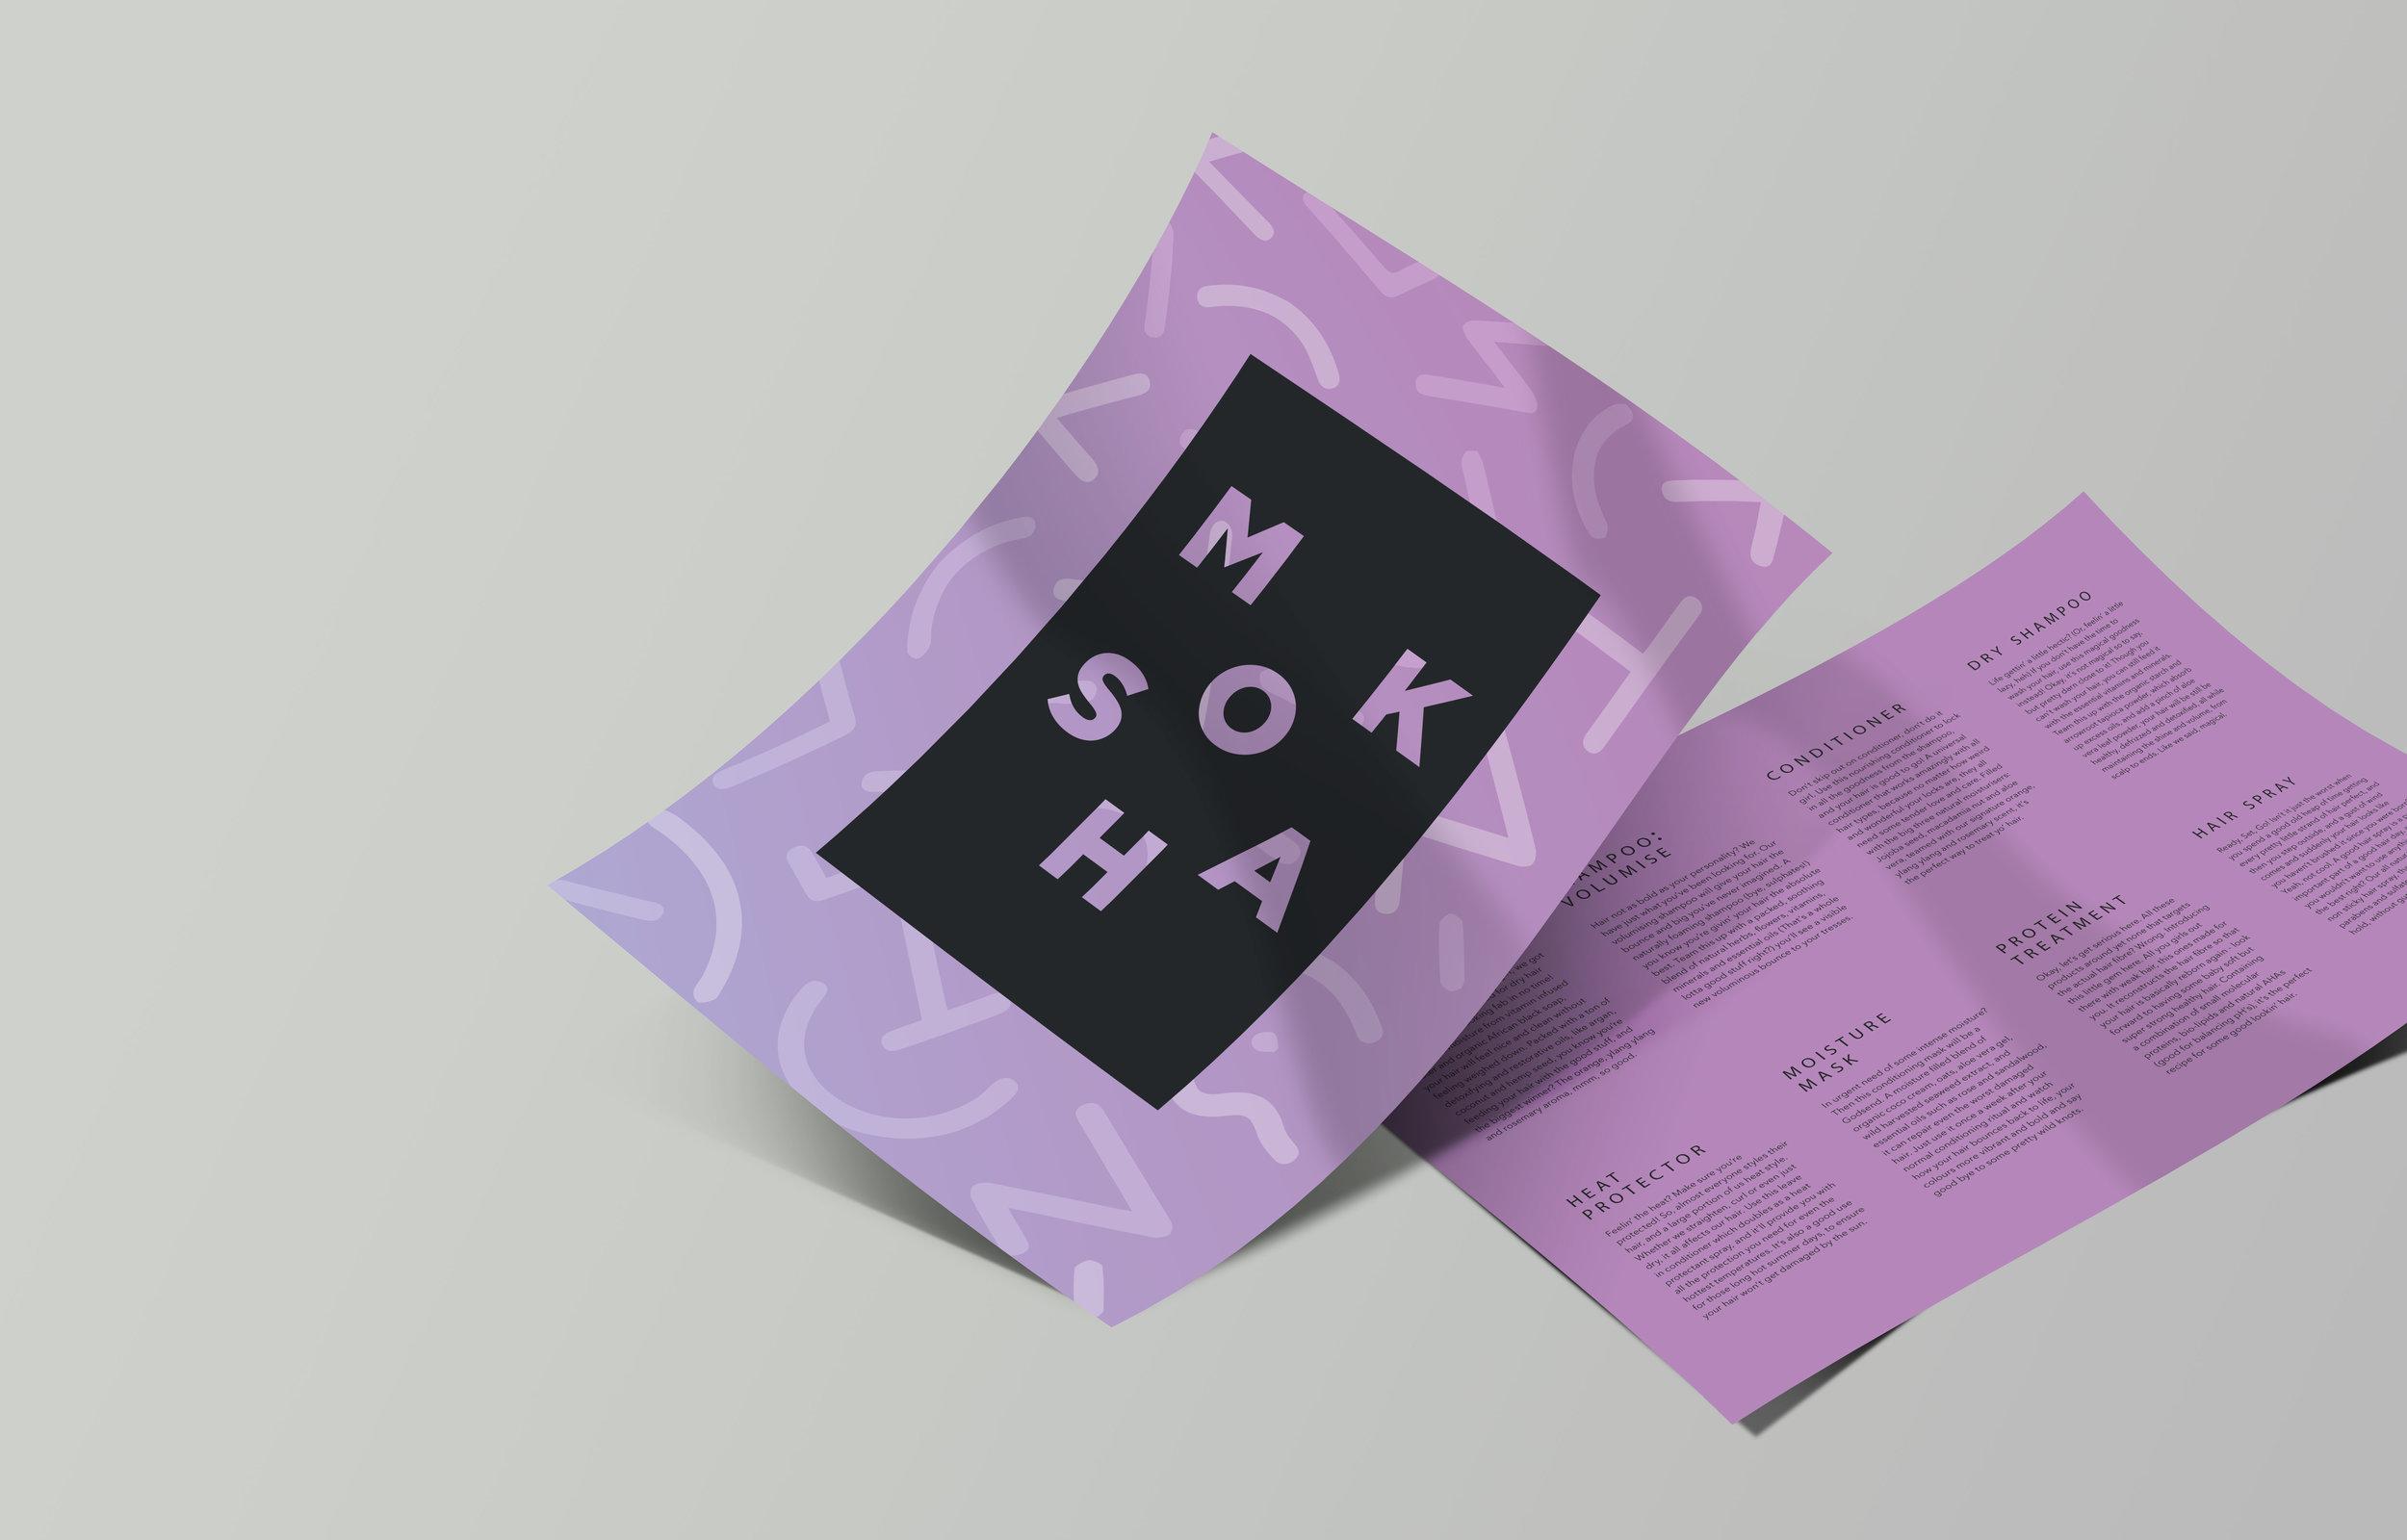 Moksha Haircare   Brand identity for Moksha, the organic haircare brand that packs a punch.